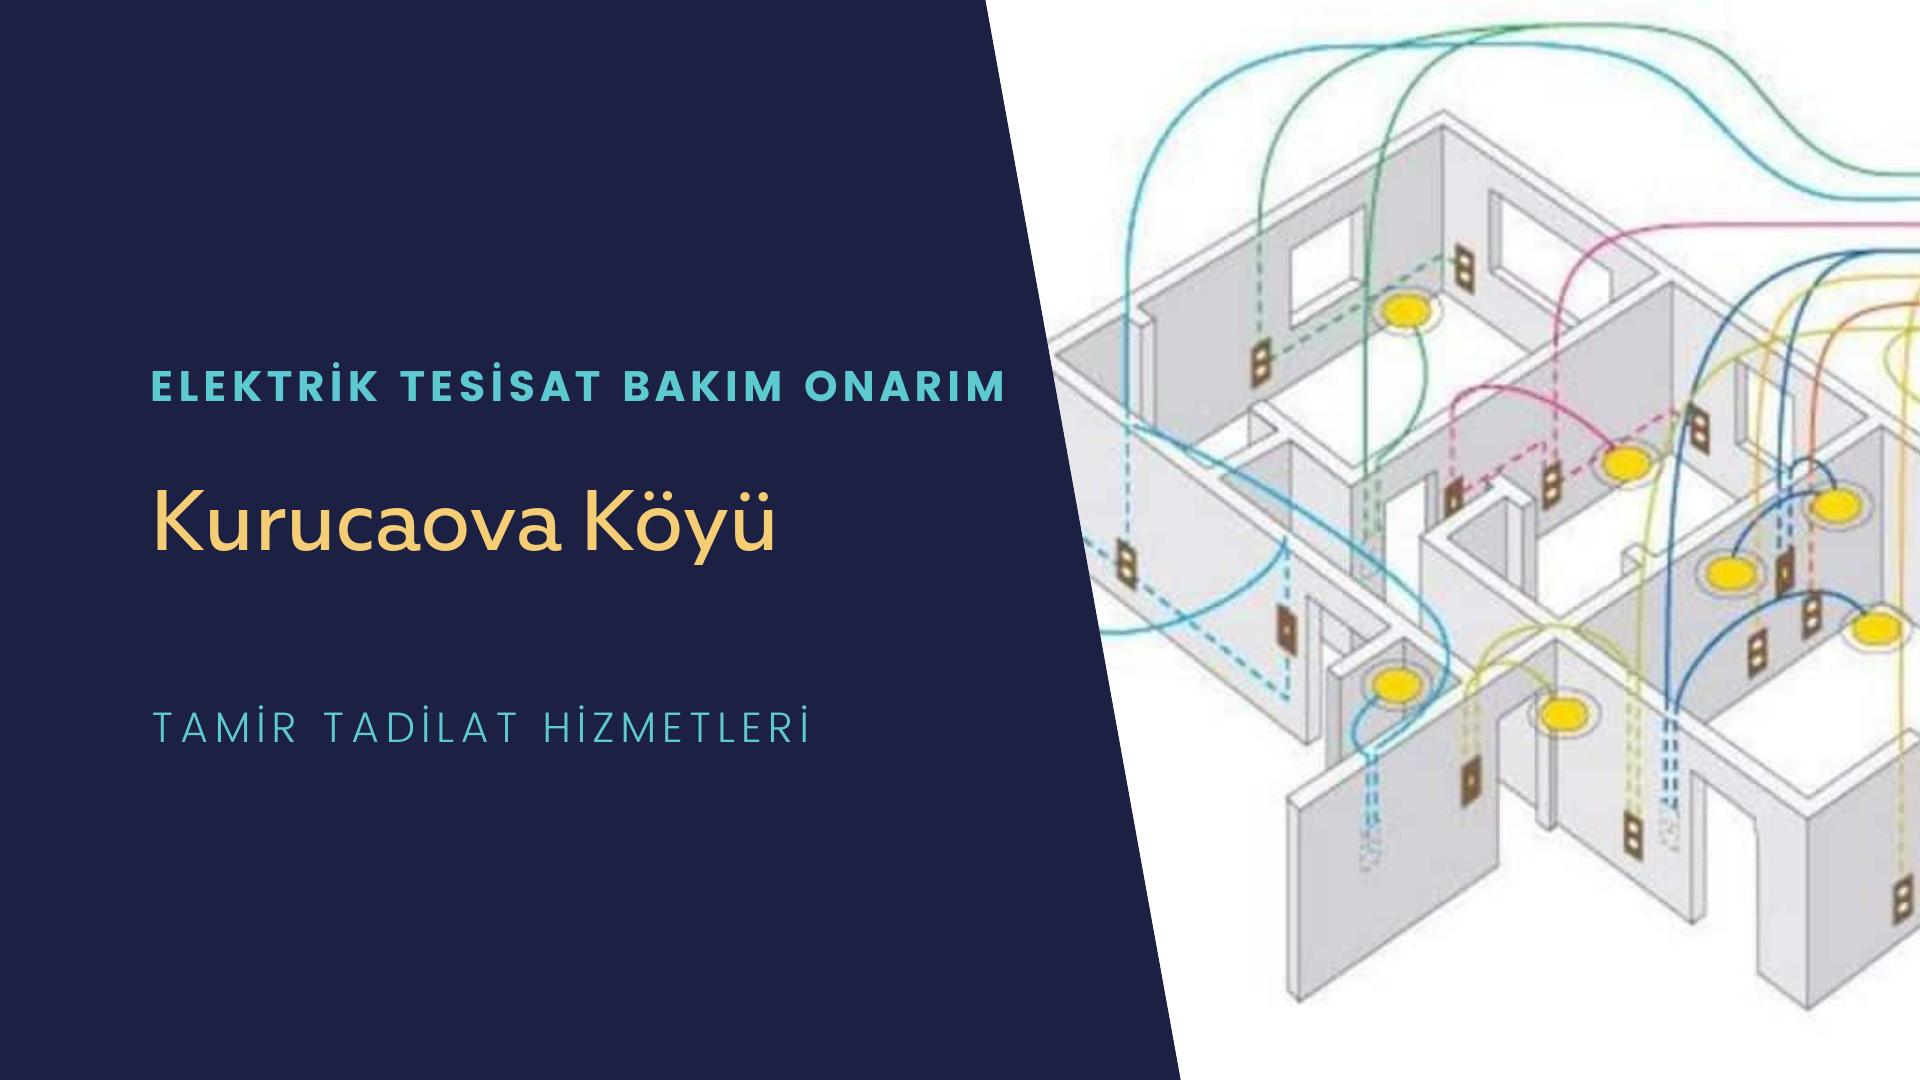 Kurucaova Köyü  elektrik tesisatıustalarımı arıyorsunuz doğru adrestenizi Kurucaova Köyü elektrik tesisatı ustalarımız 7/24 sizlere hizmet vermekten mutluluk duyar.